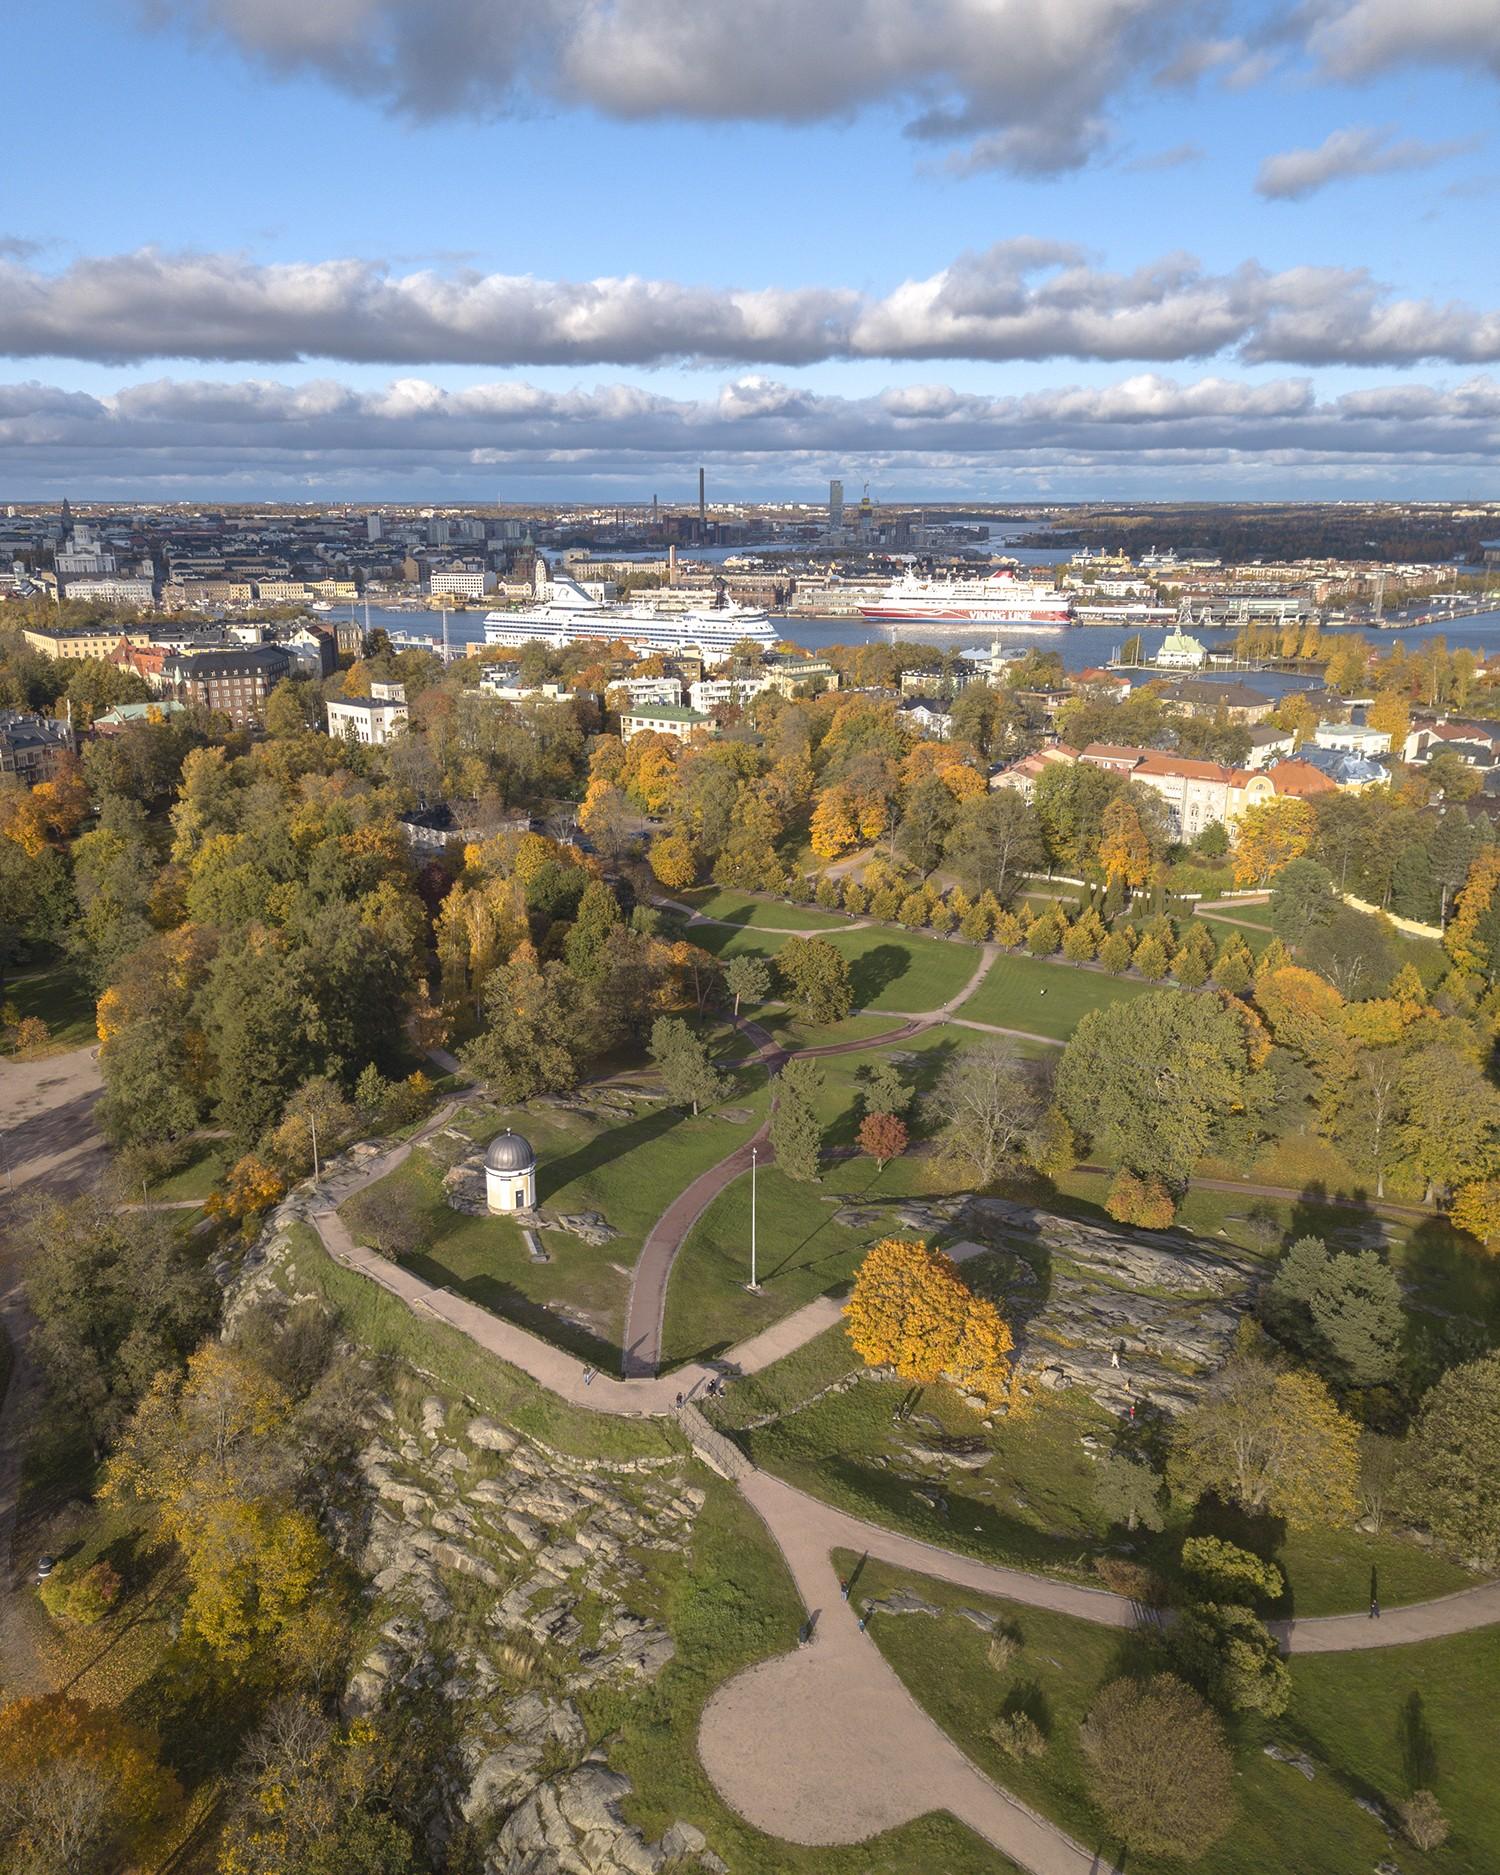 Kaivopuisto park in Helsinki